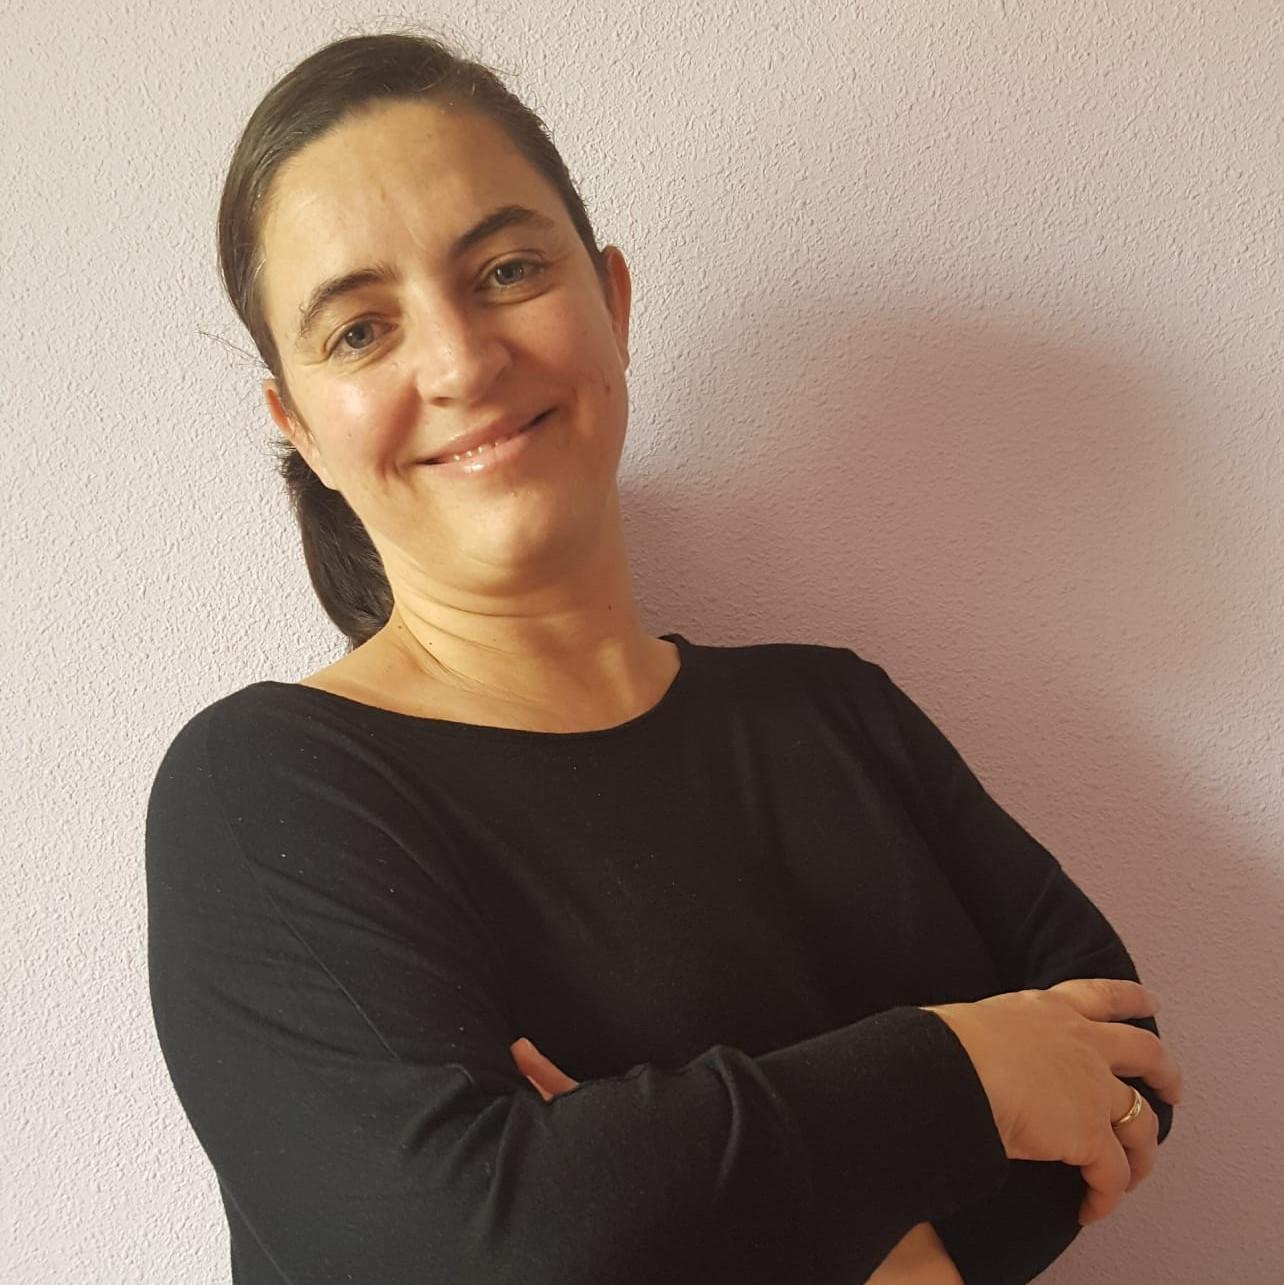 Carmen Blanco tiene pelo moreno largo recogido en una coleta y una camiseta negra de manga larga